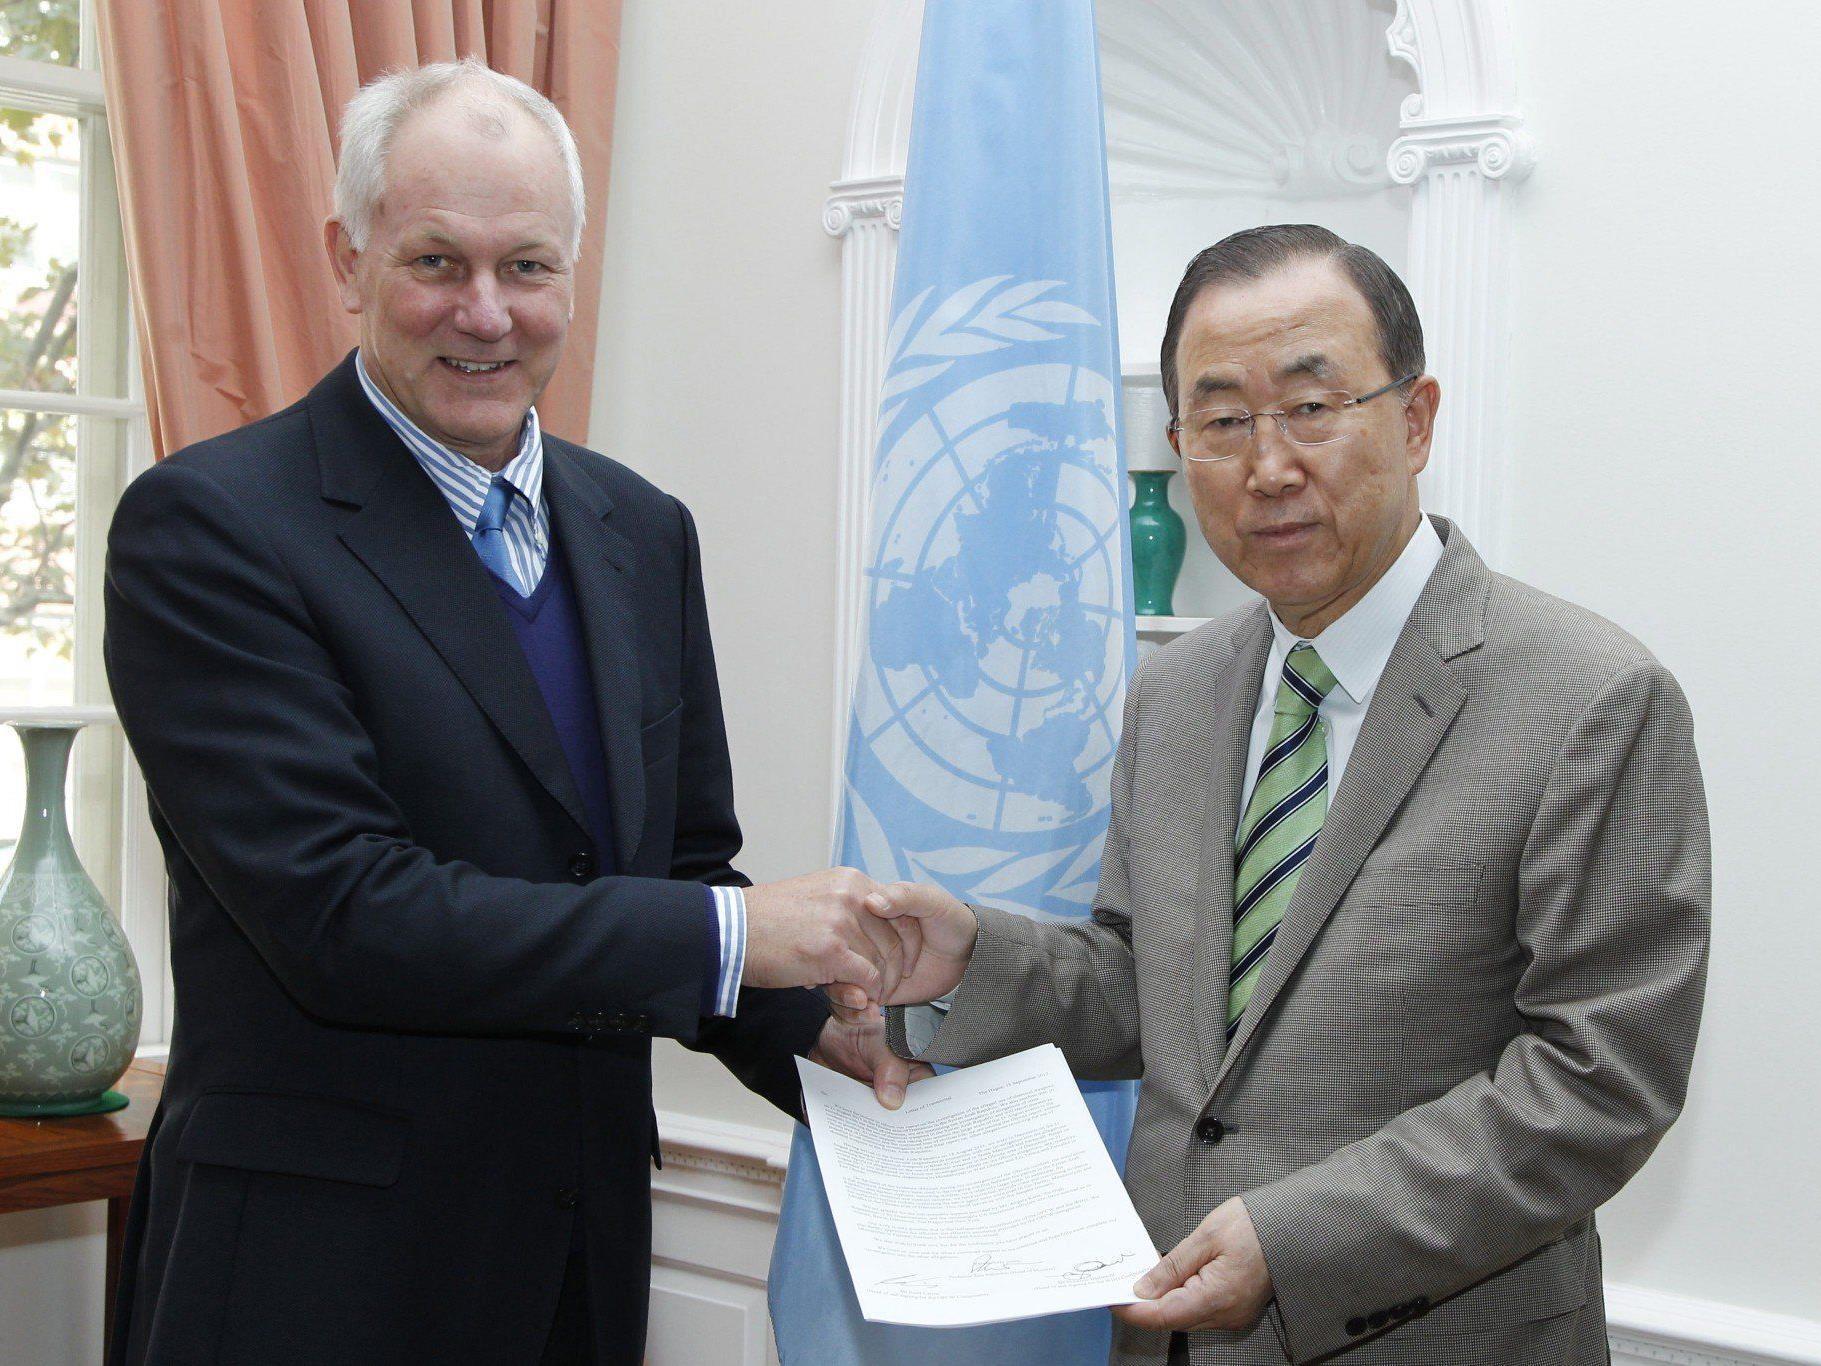 Ake Sellstrom (l.) übergibt den Bericht an UN-Generalsekretär Ban Ki-moon.